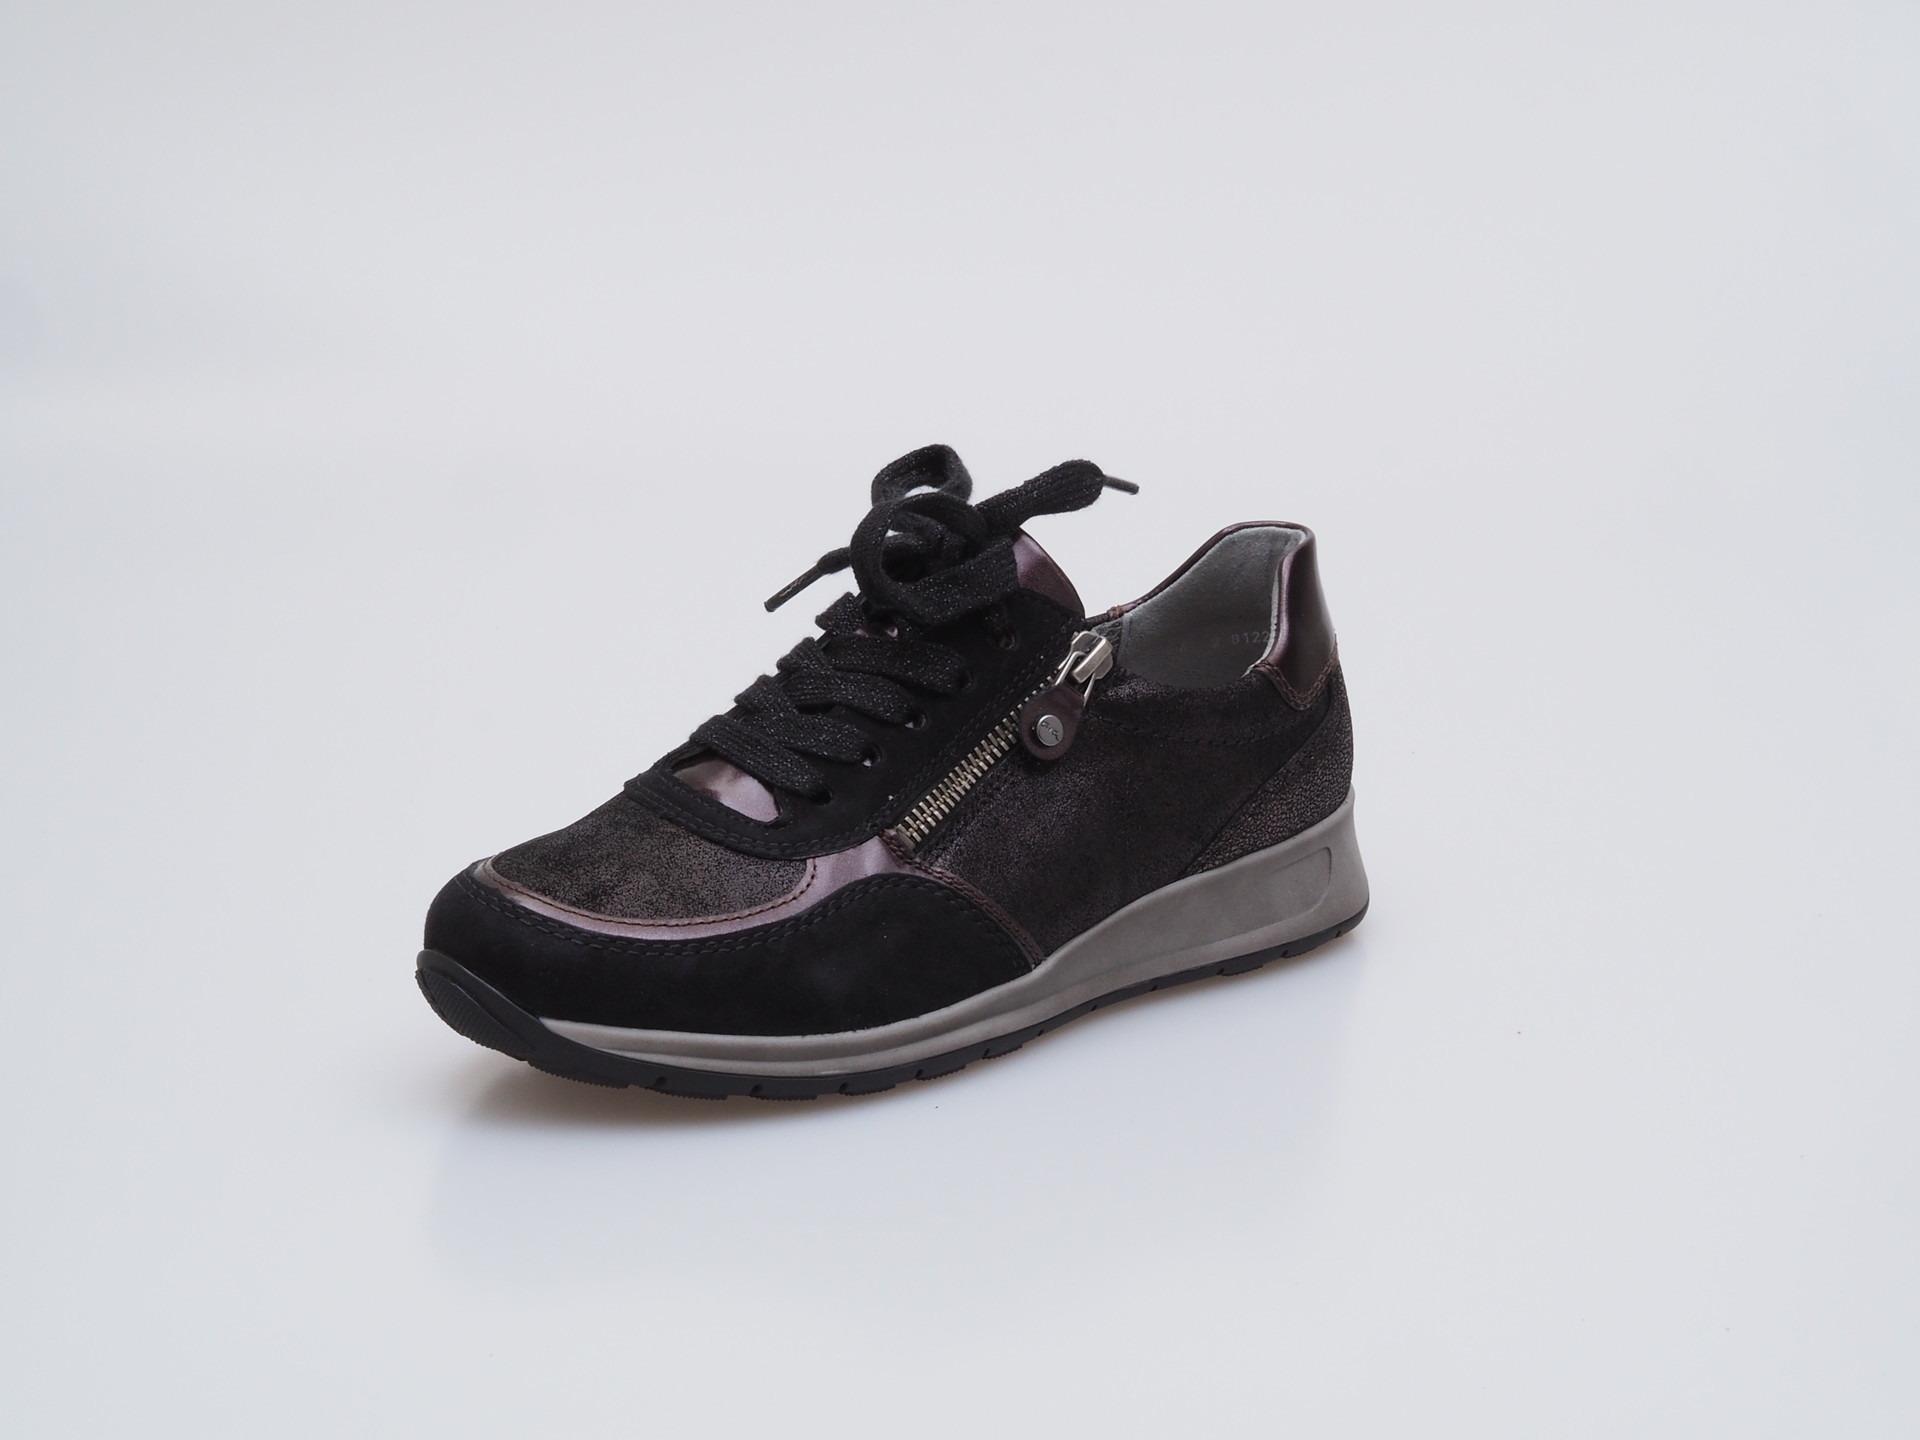 Soňa - Dámska obuv - Tenisky - Čierna dámska špotová obuv značky Ara adc45436864